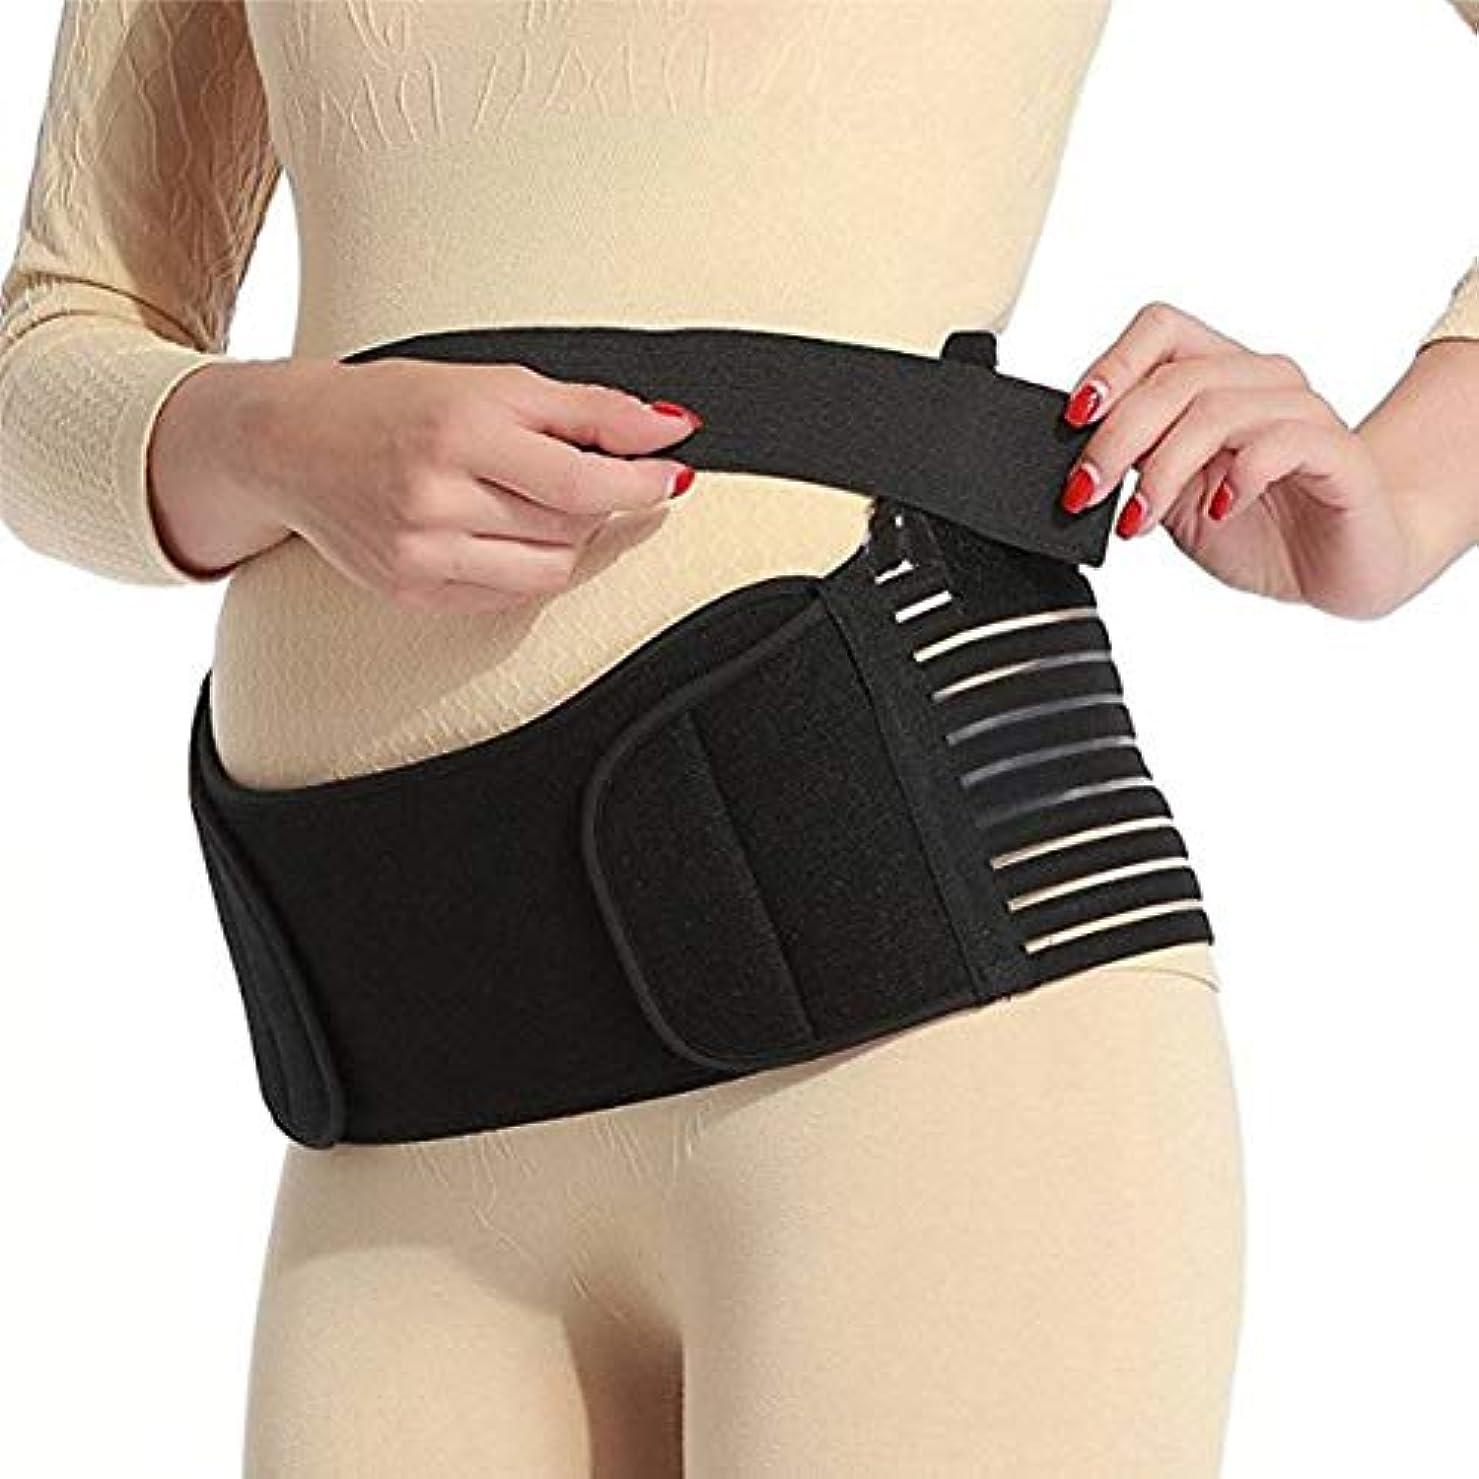 雄弁家徹底安全でない通気性マタニティベルト妊娠中の腹部サポート腹部バインダーガードル運動包帯産後の回復shapewear - ブラックM